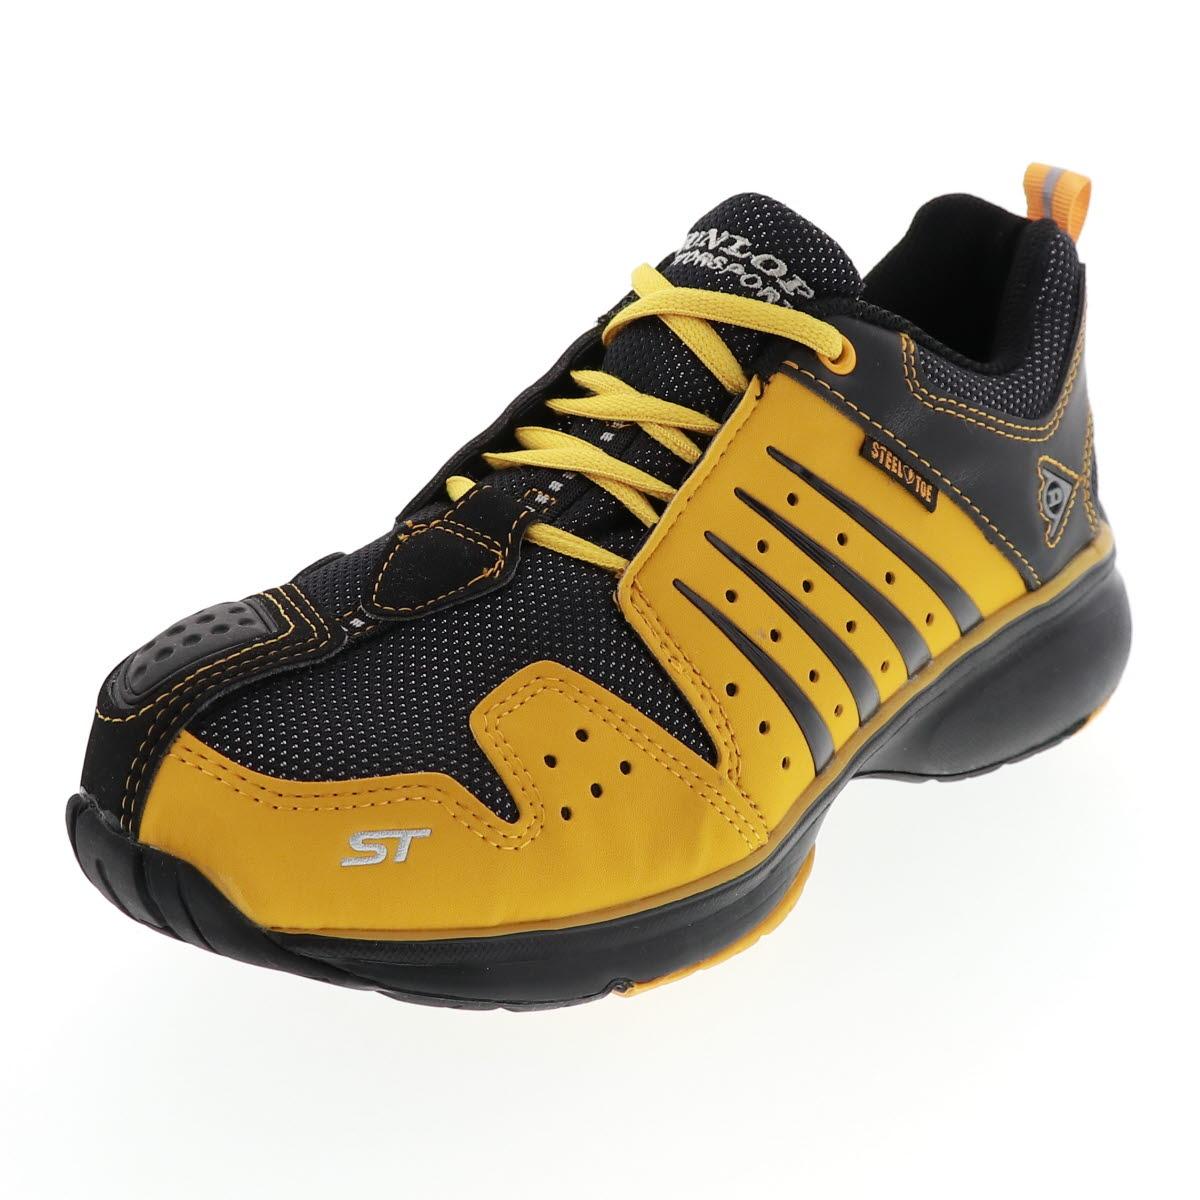 安全靴 メンズ ダンロップ DUNLOP マグナム ST301 イエロー